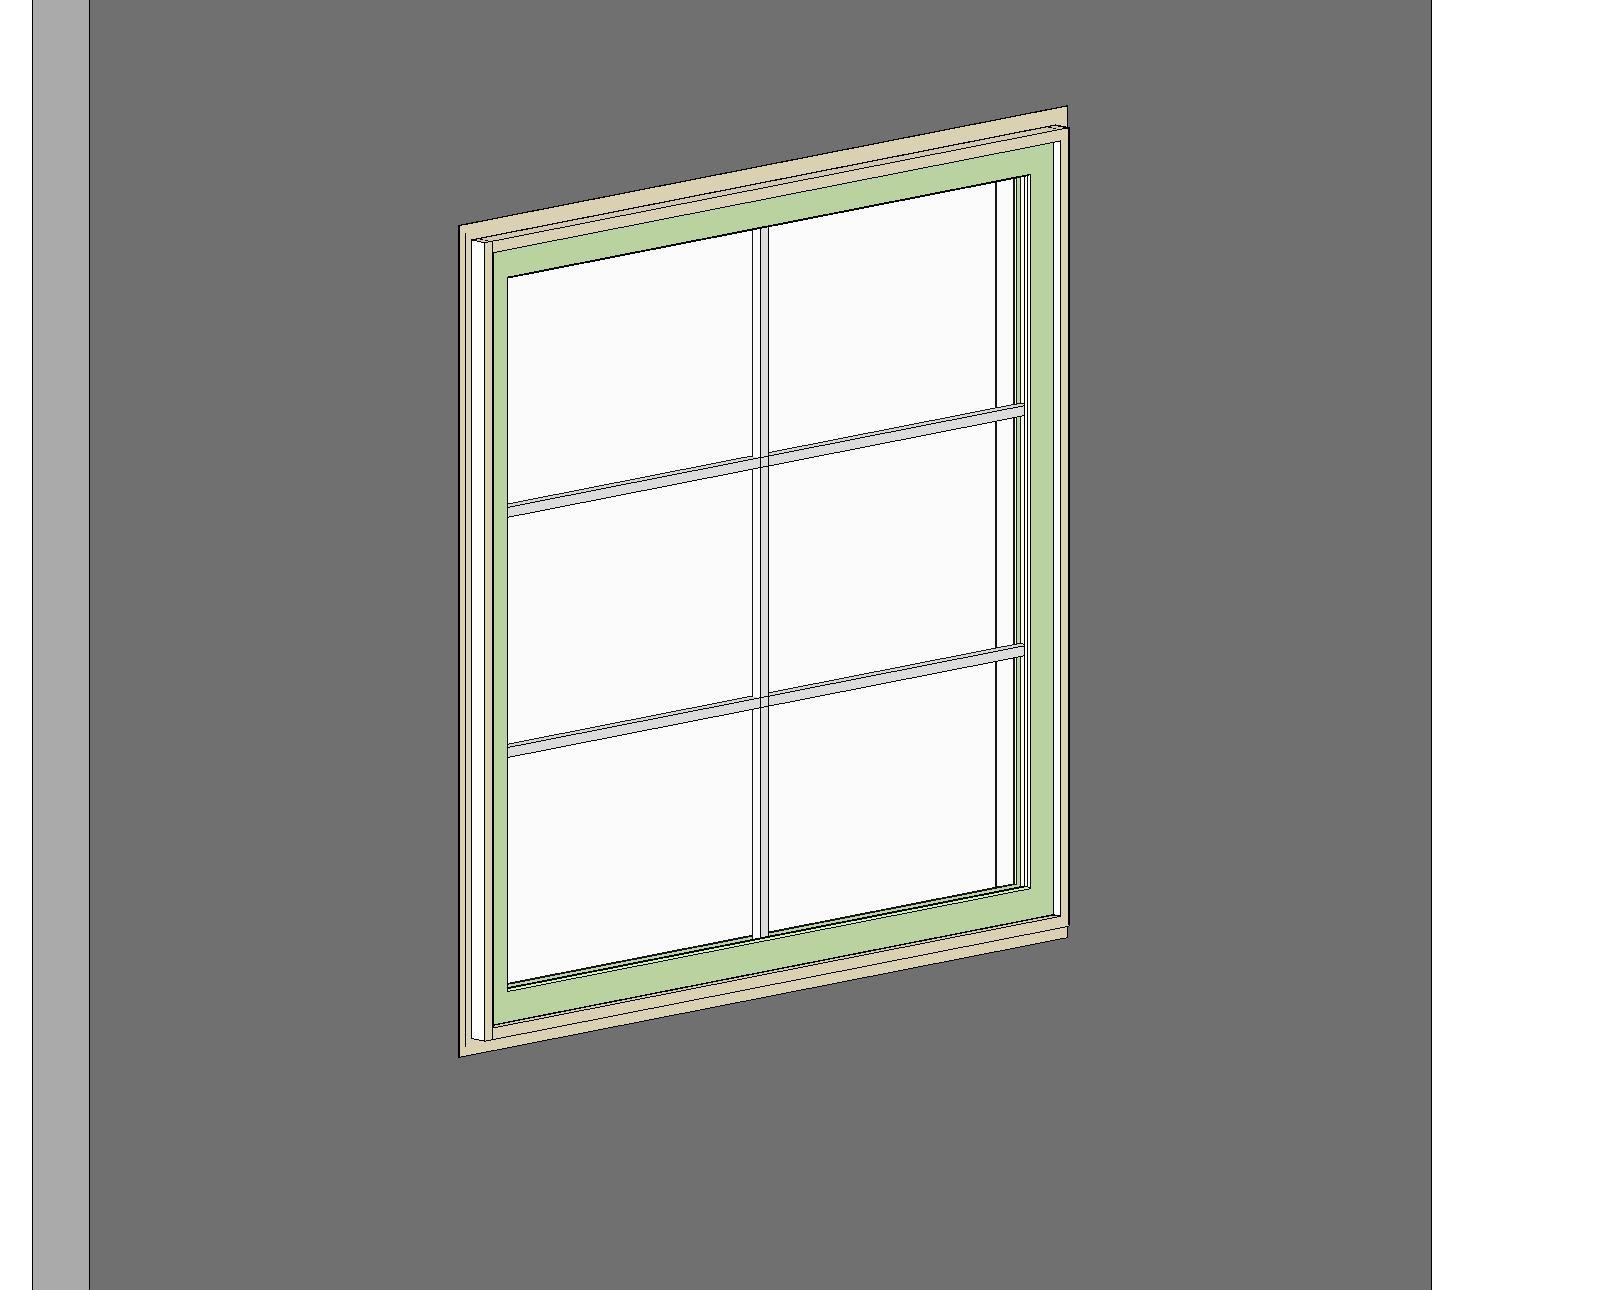 Vinyl Window Glazing : Bim objects families